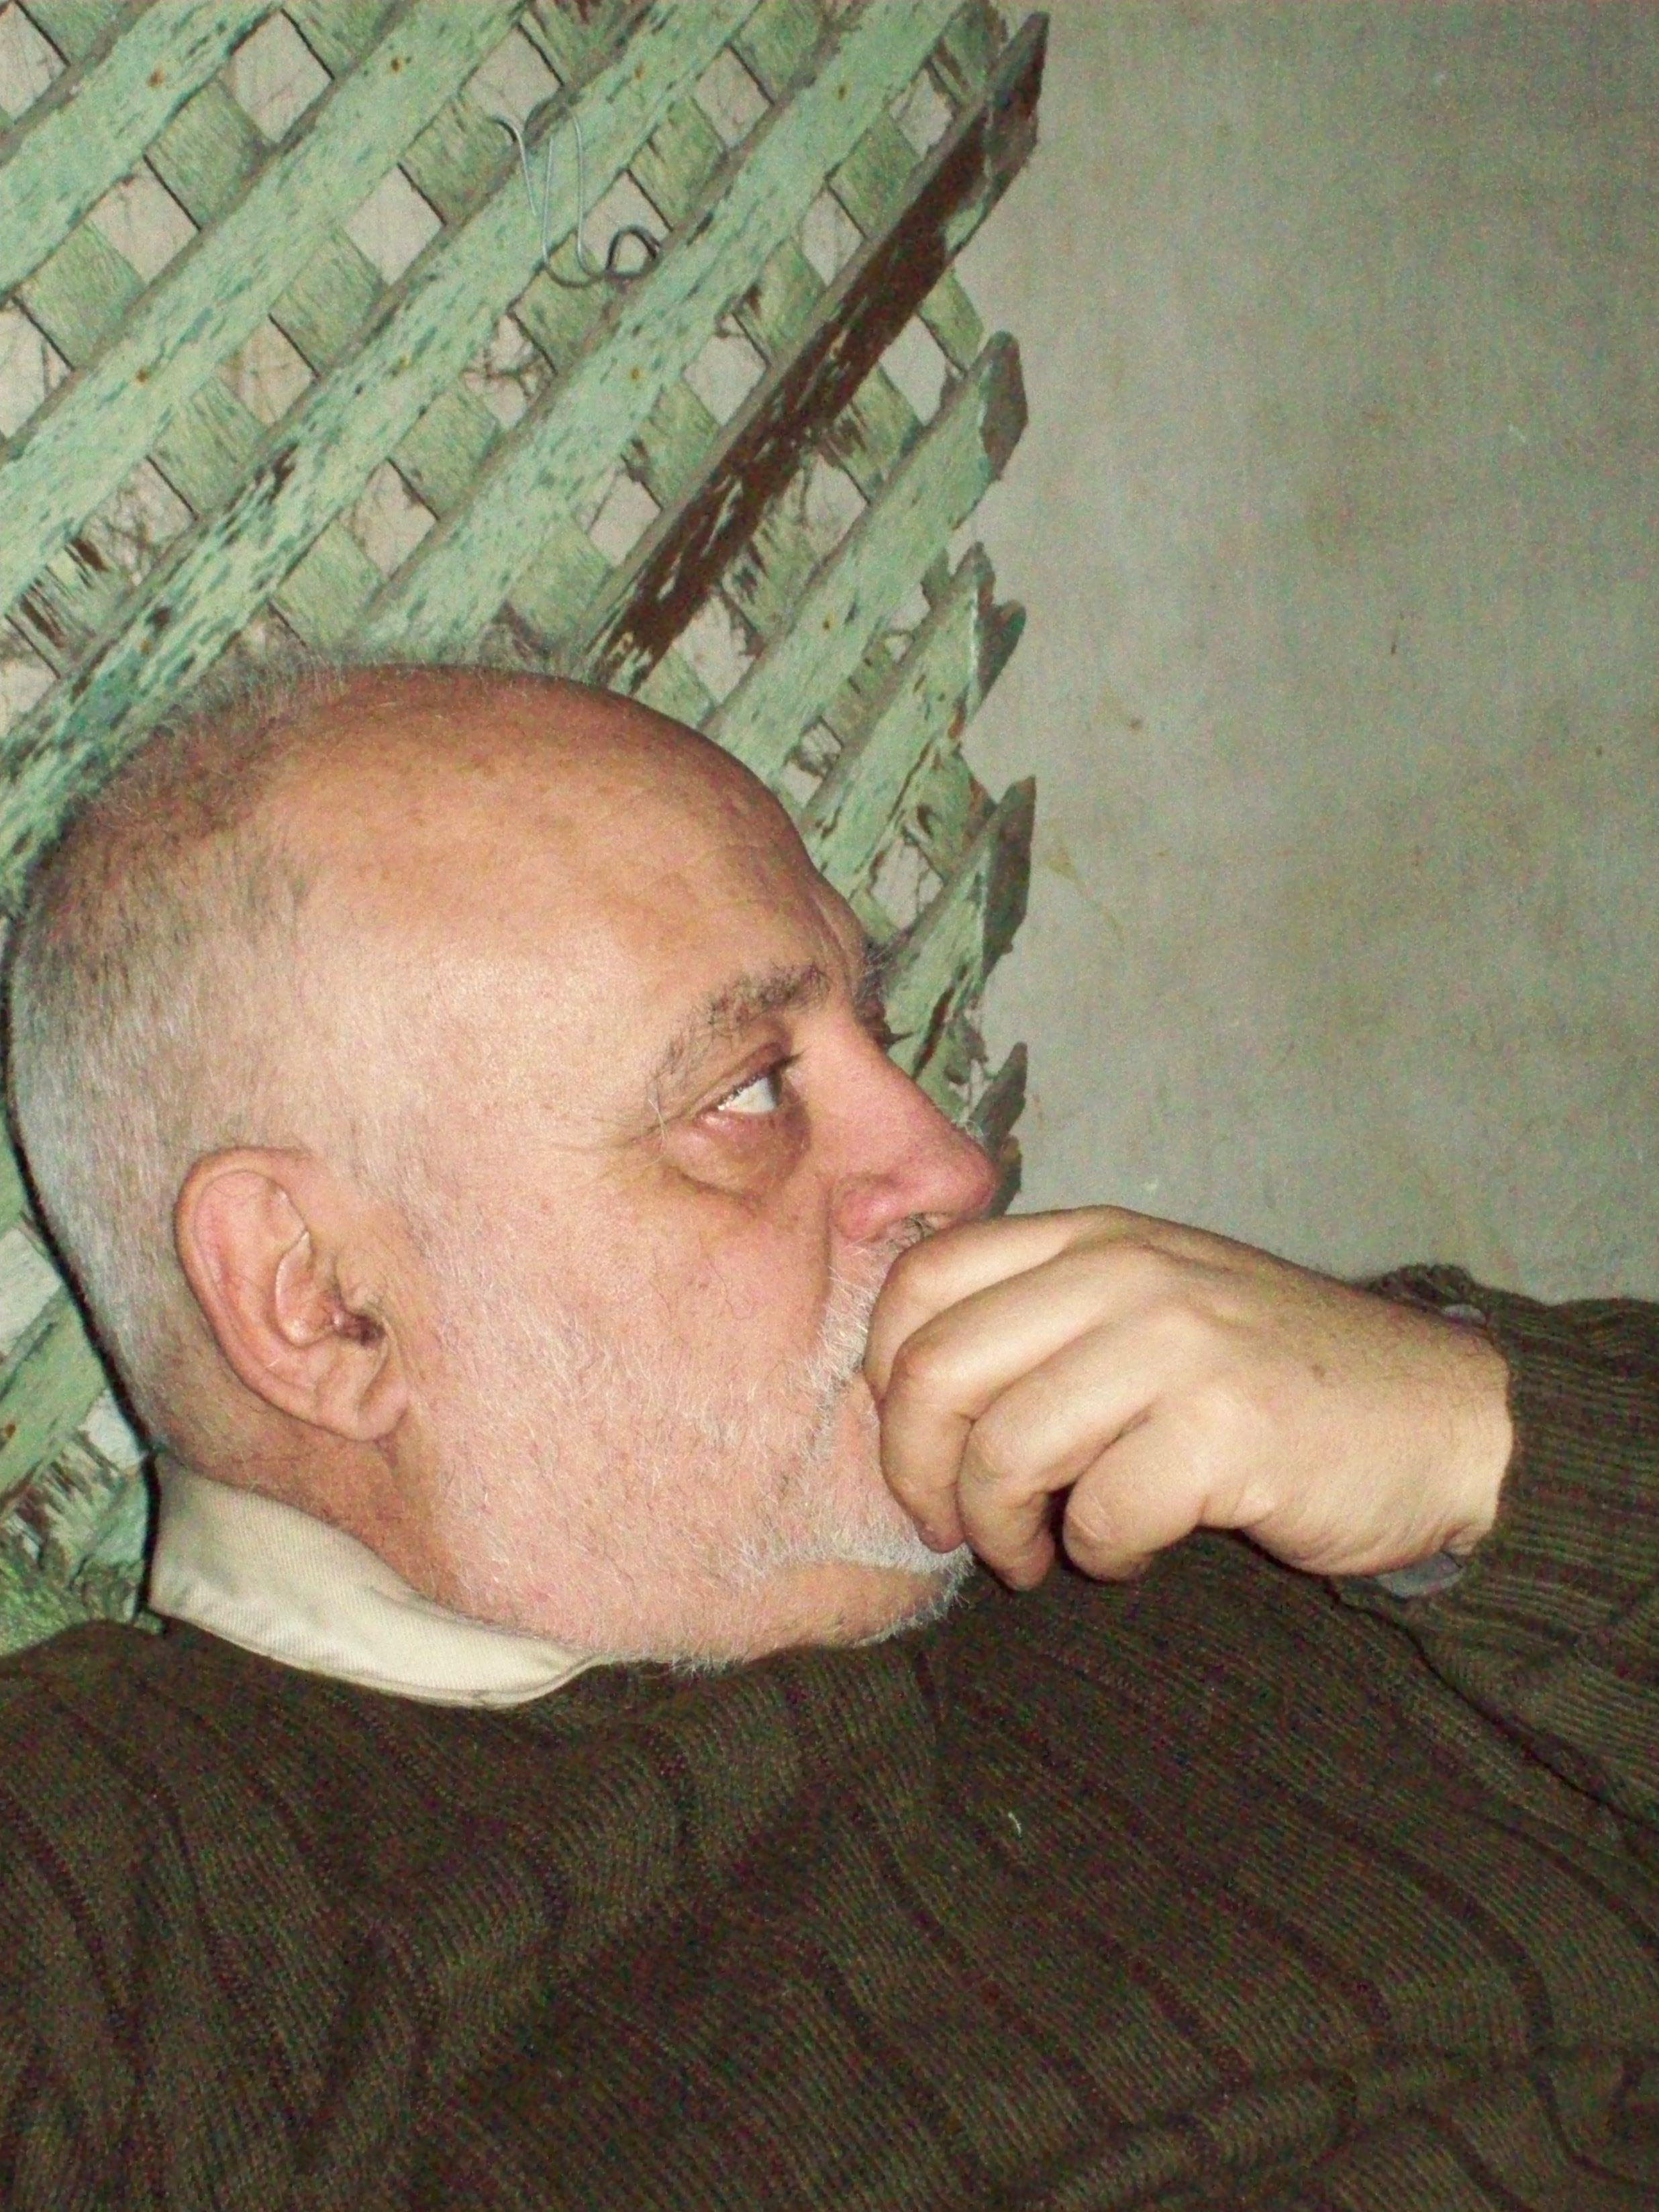 Description Perfil de hombre con barba cortada.JPG